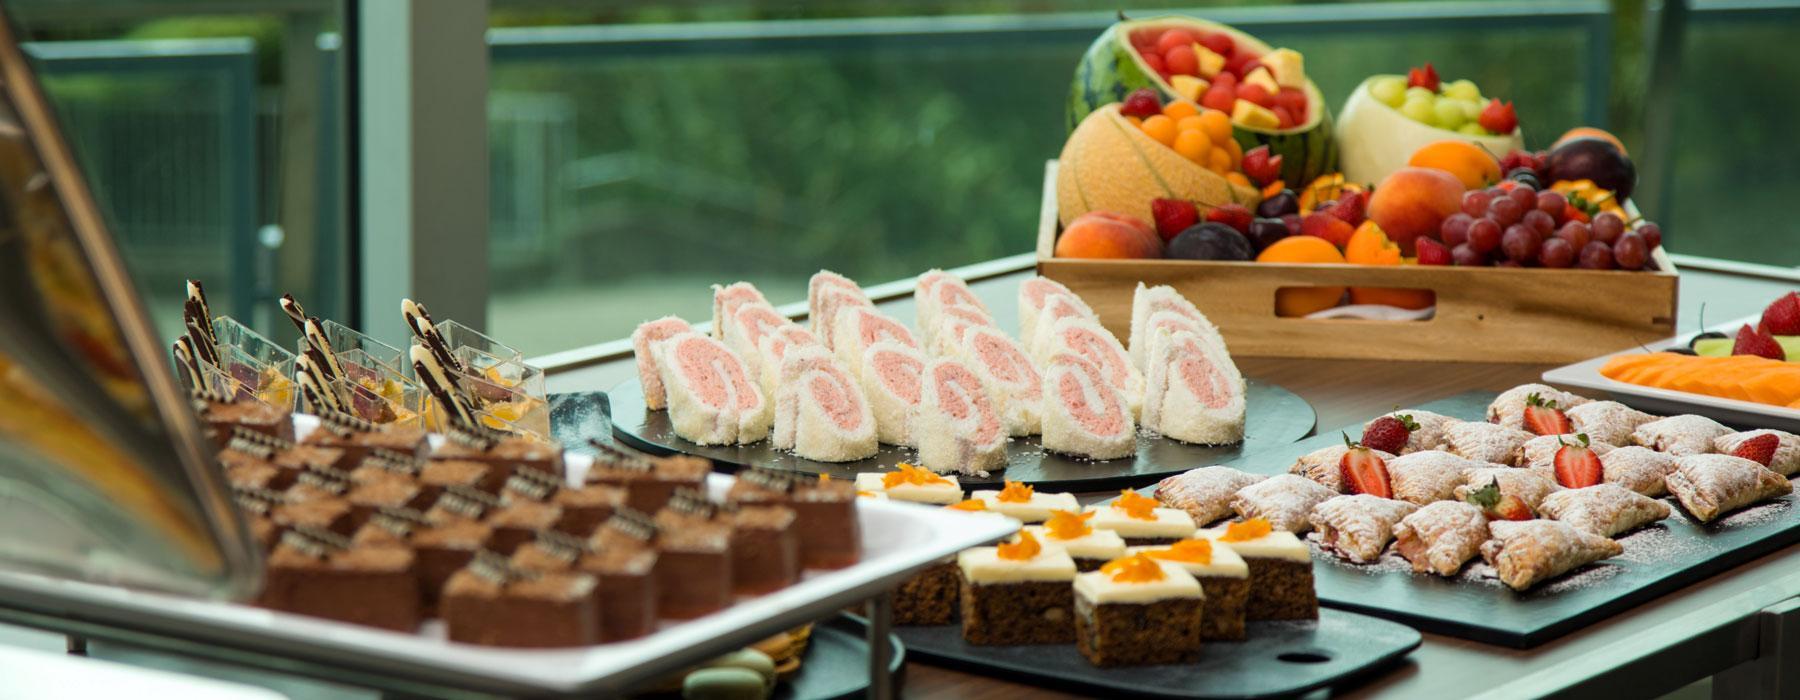 A buffet set up